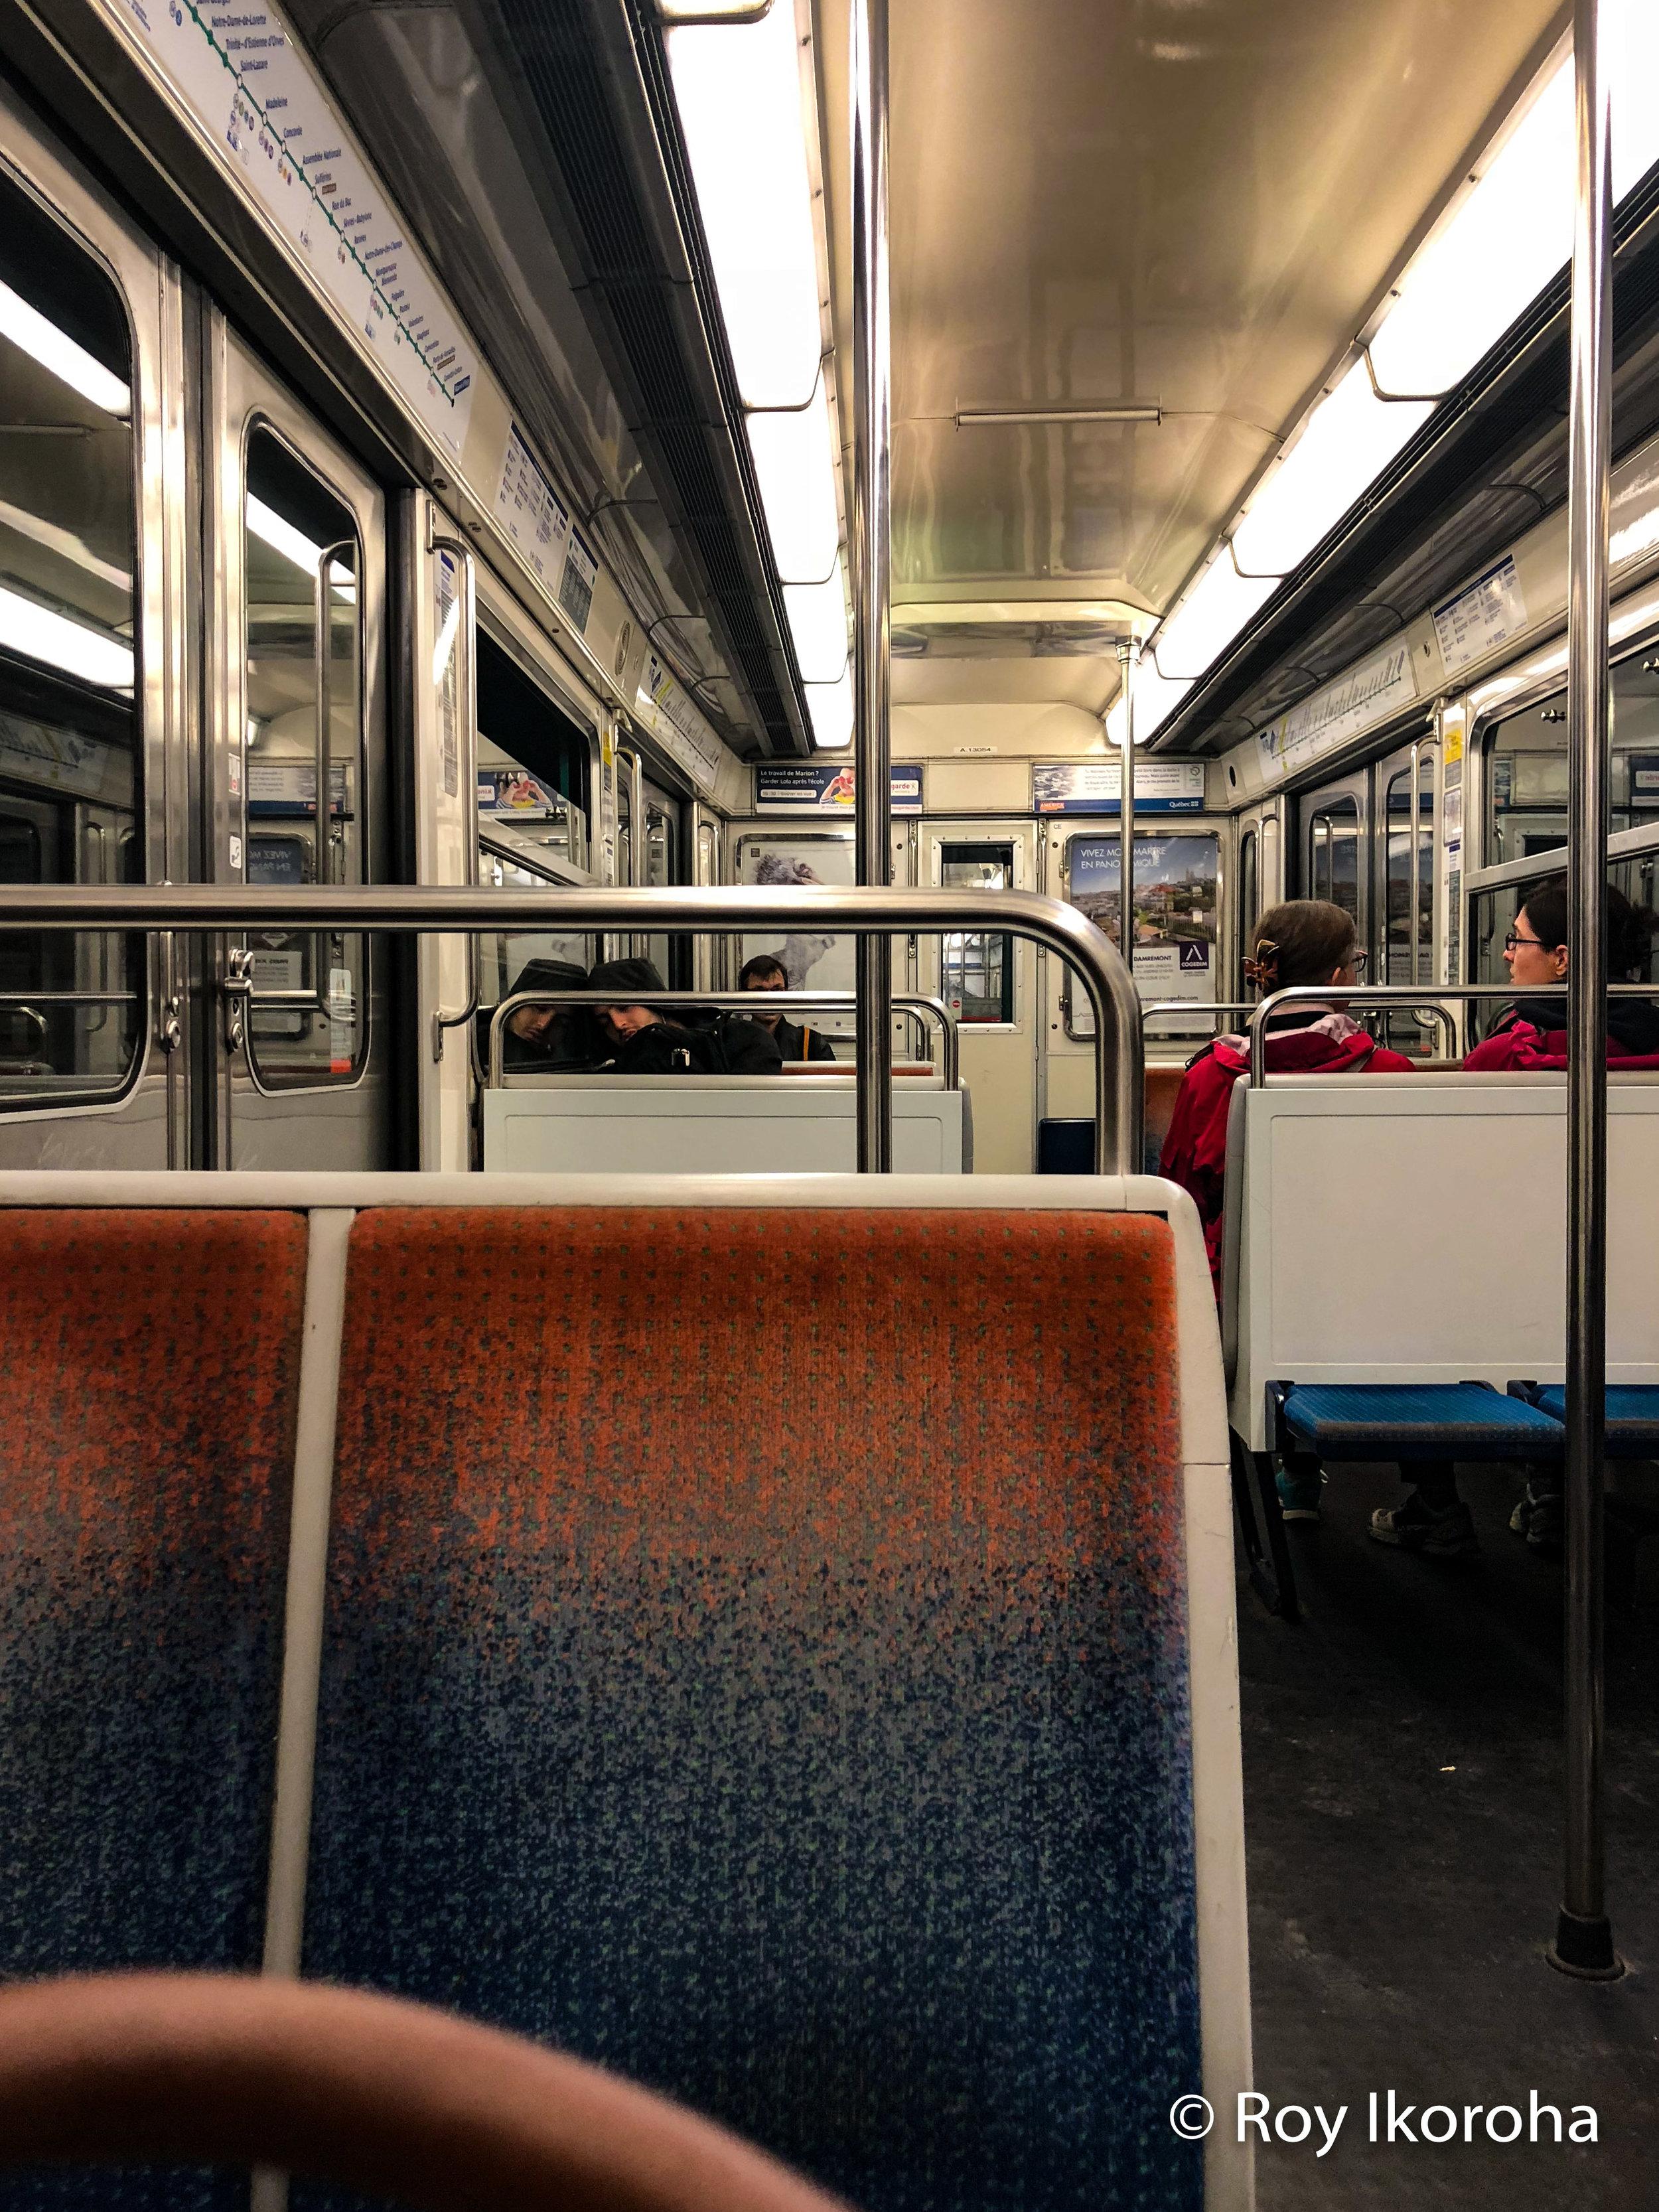 Paris Metro, Paris